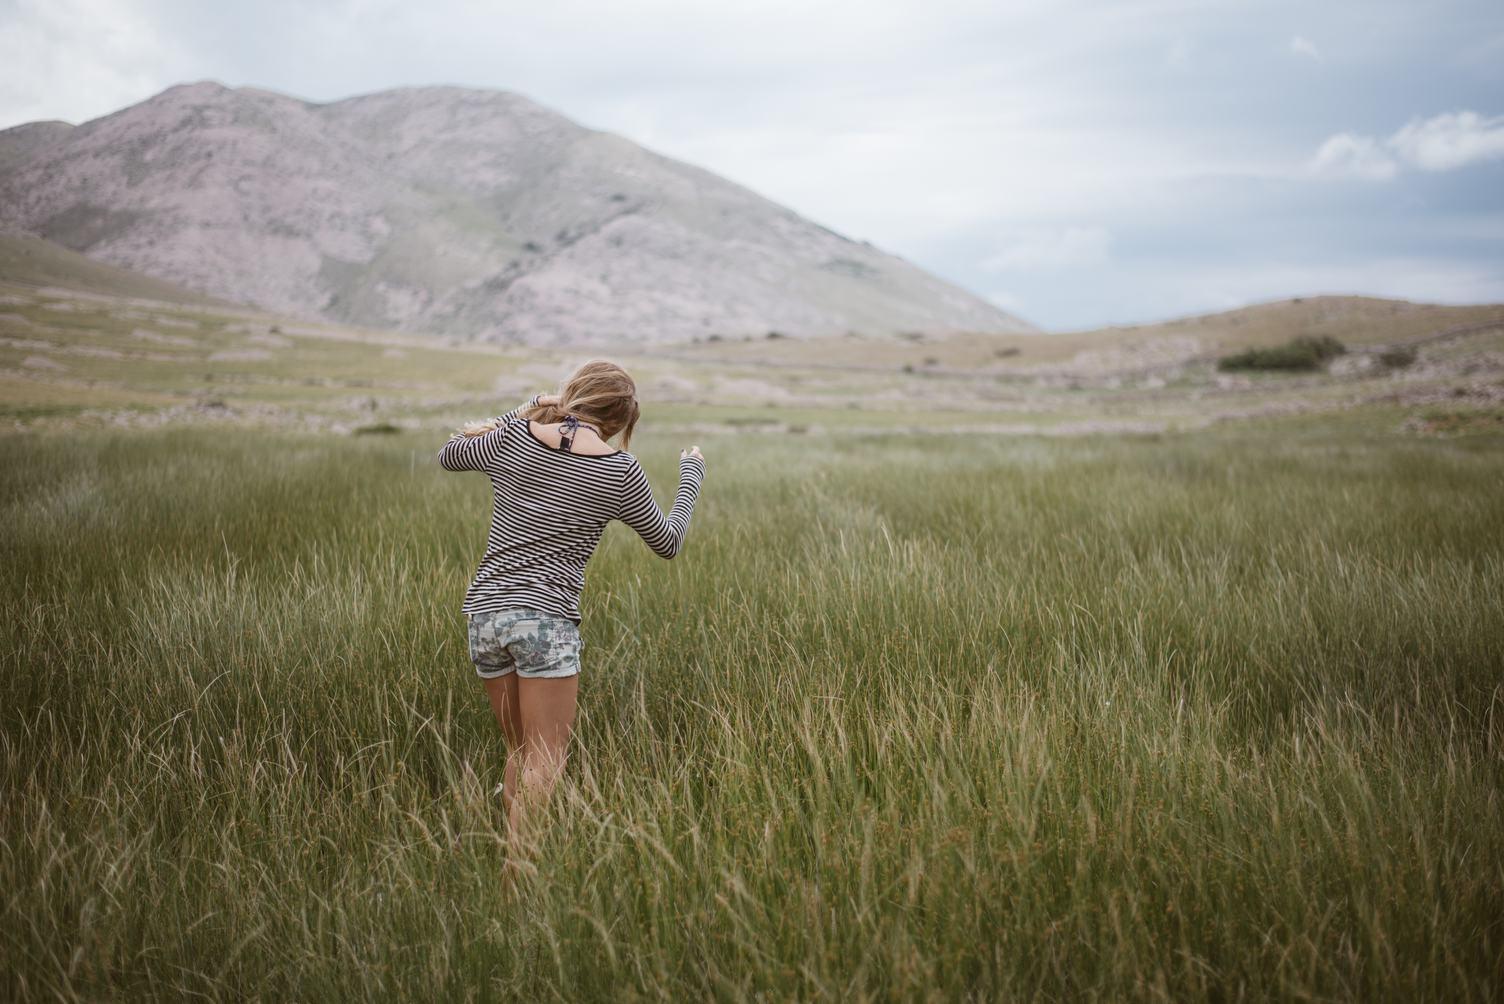 Young Girl Wearing Striped Shirt Walking Through A Green Meadow